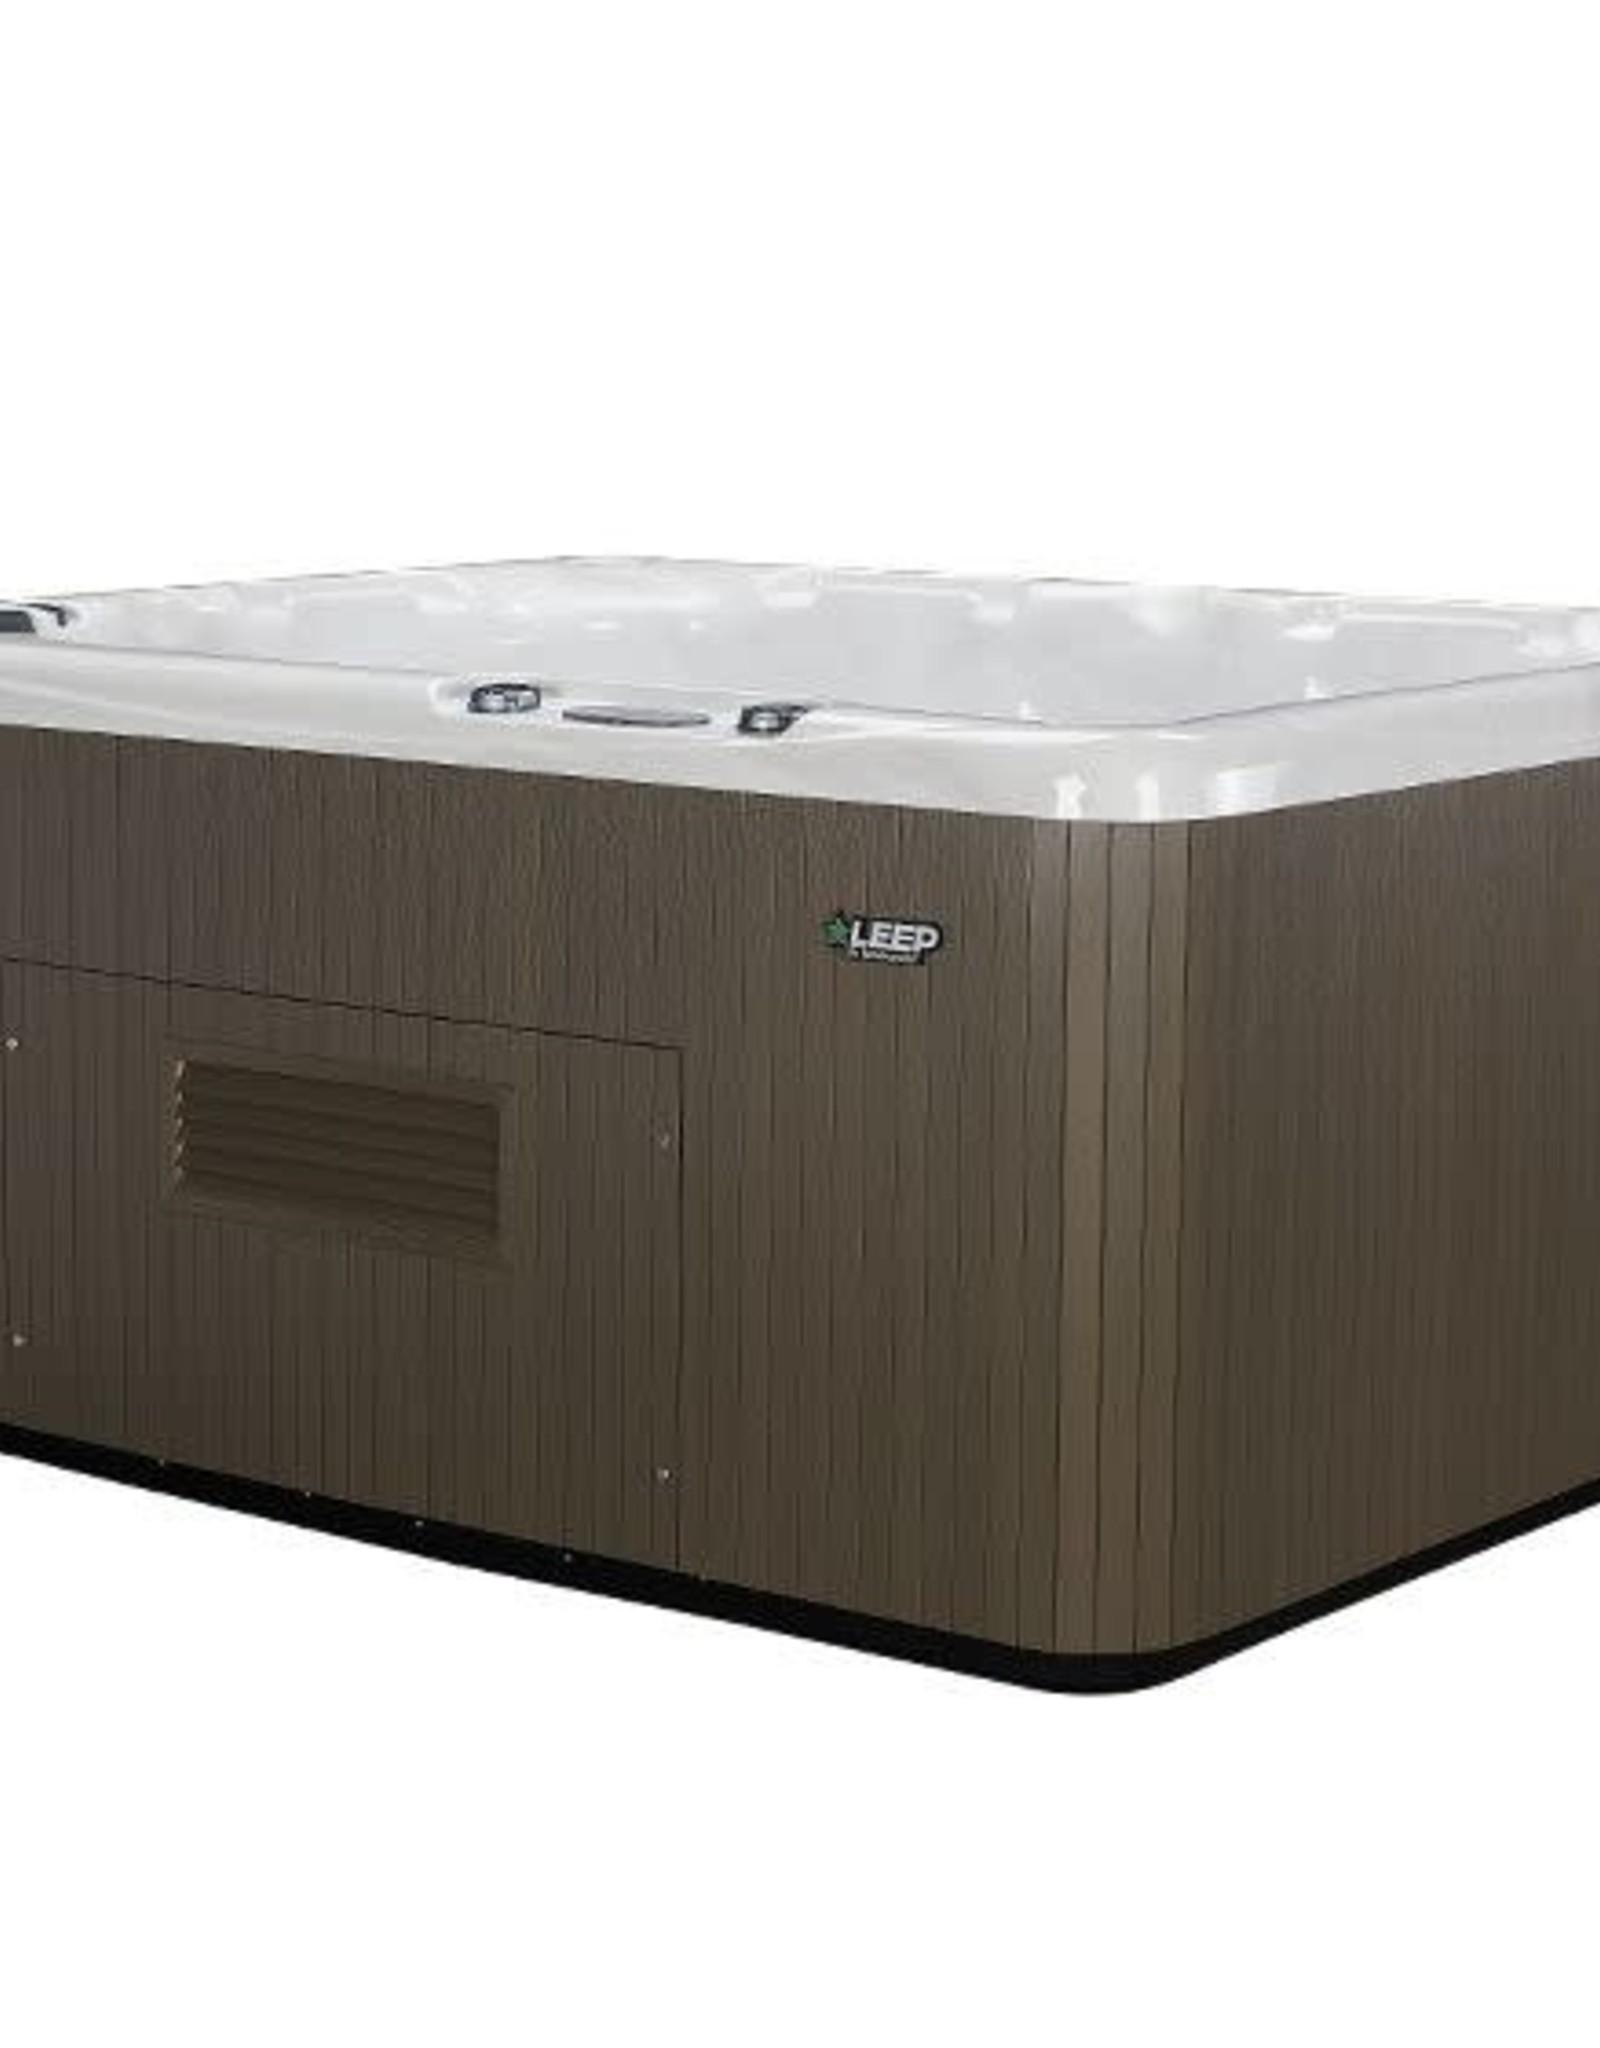 BEACHCOMBER BEACHCOMBER -MODEL 540 LEEP™ QS